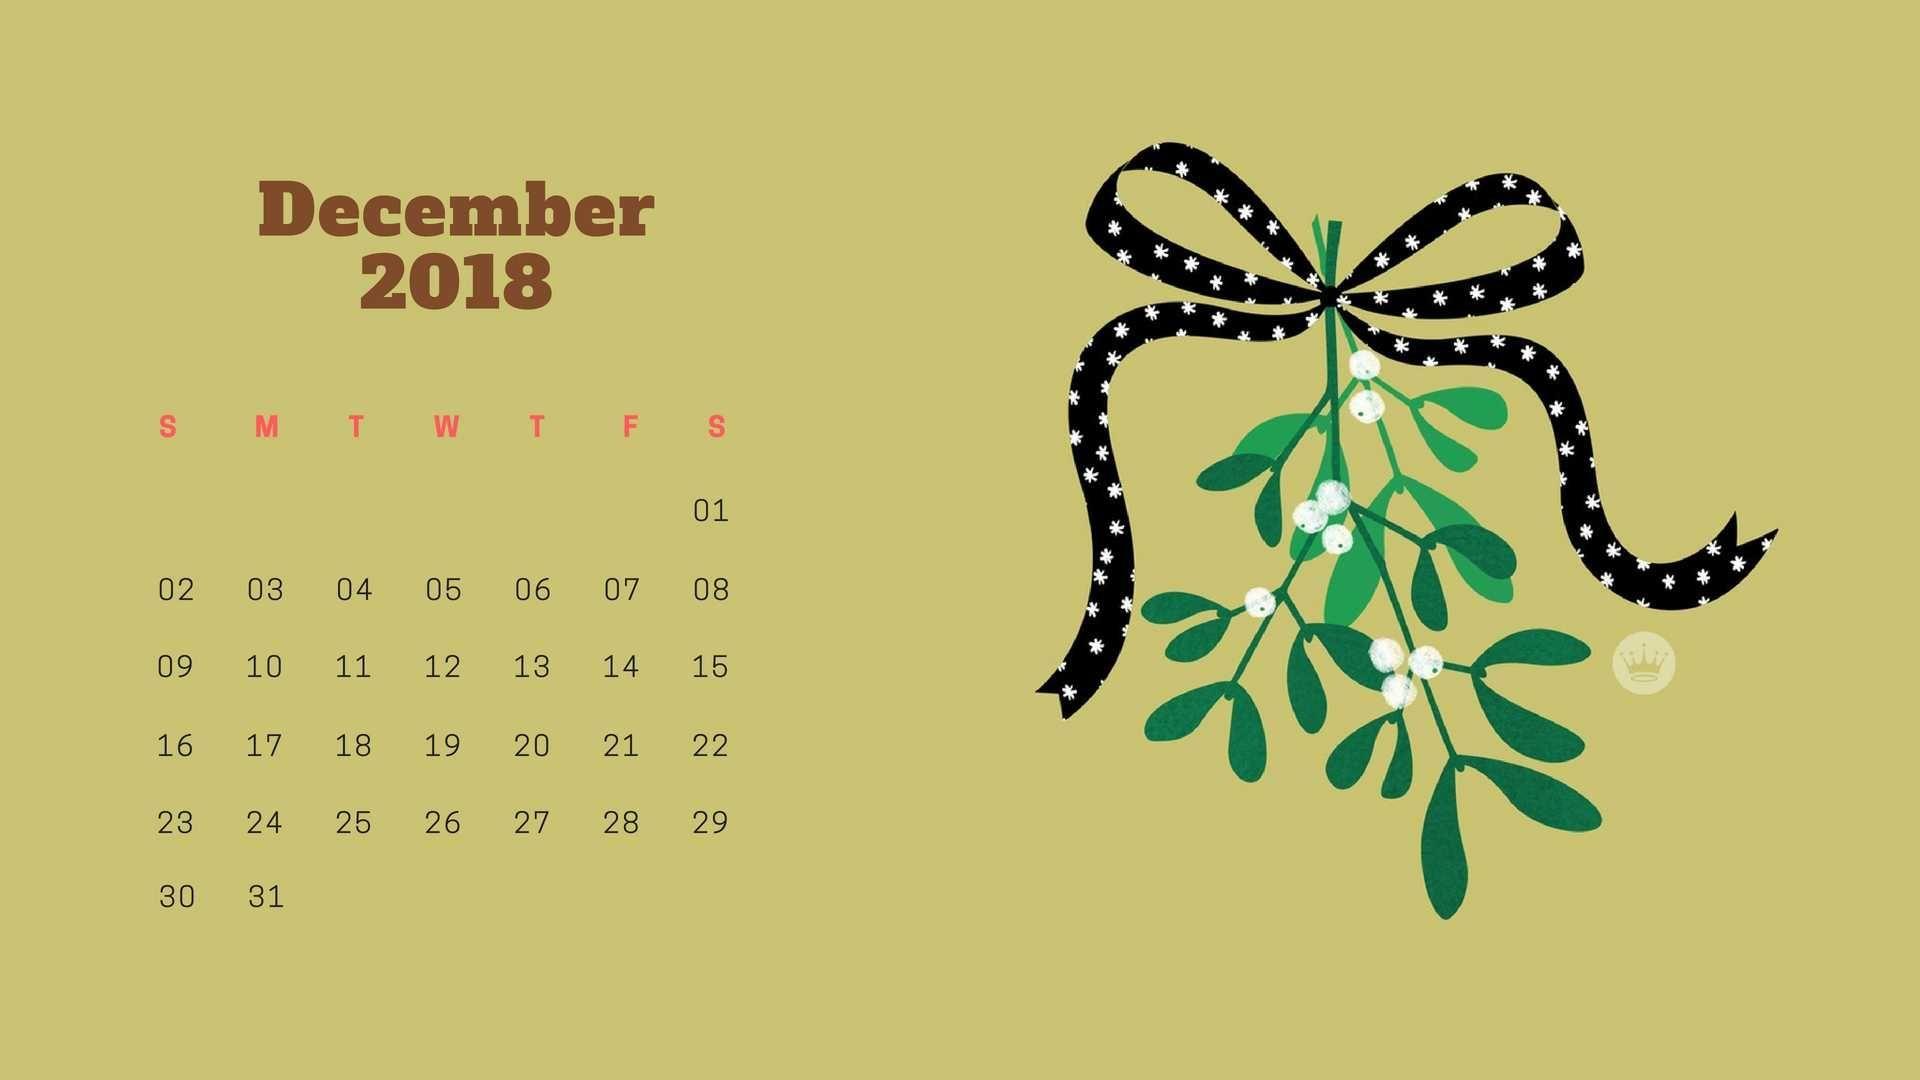 December Laptop Calendar 2020 Wallpaper Sweet December 2018 Calendar Wallpaper Background HD